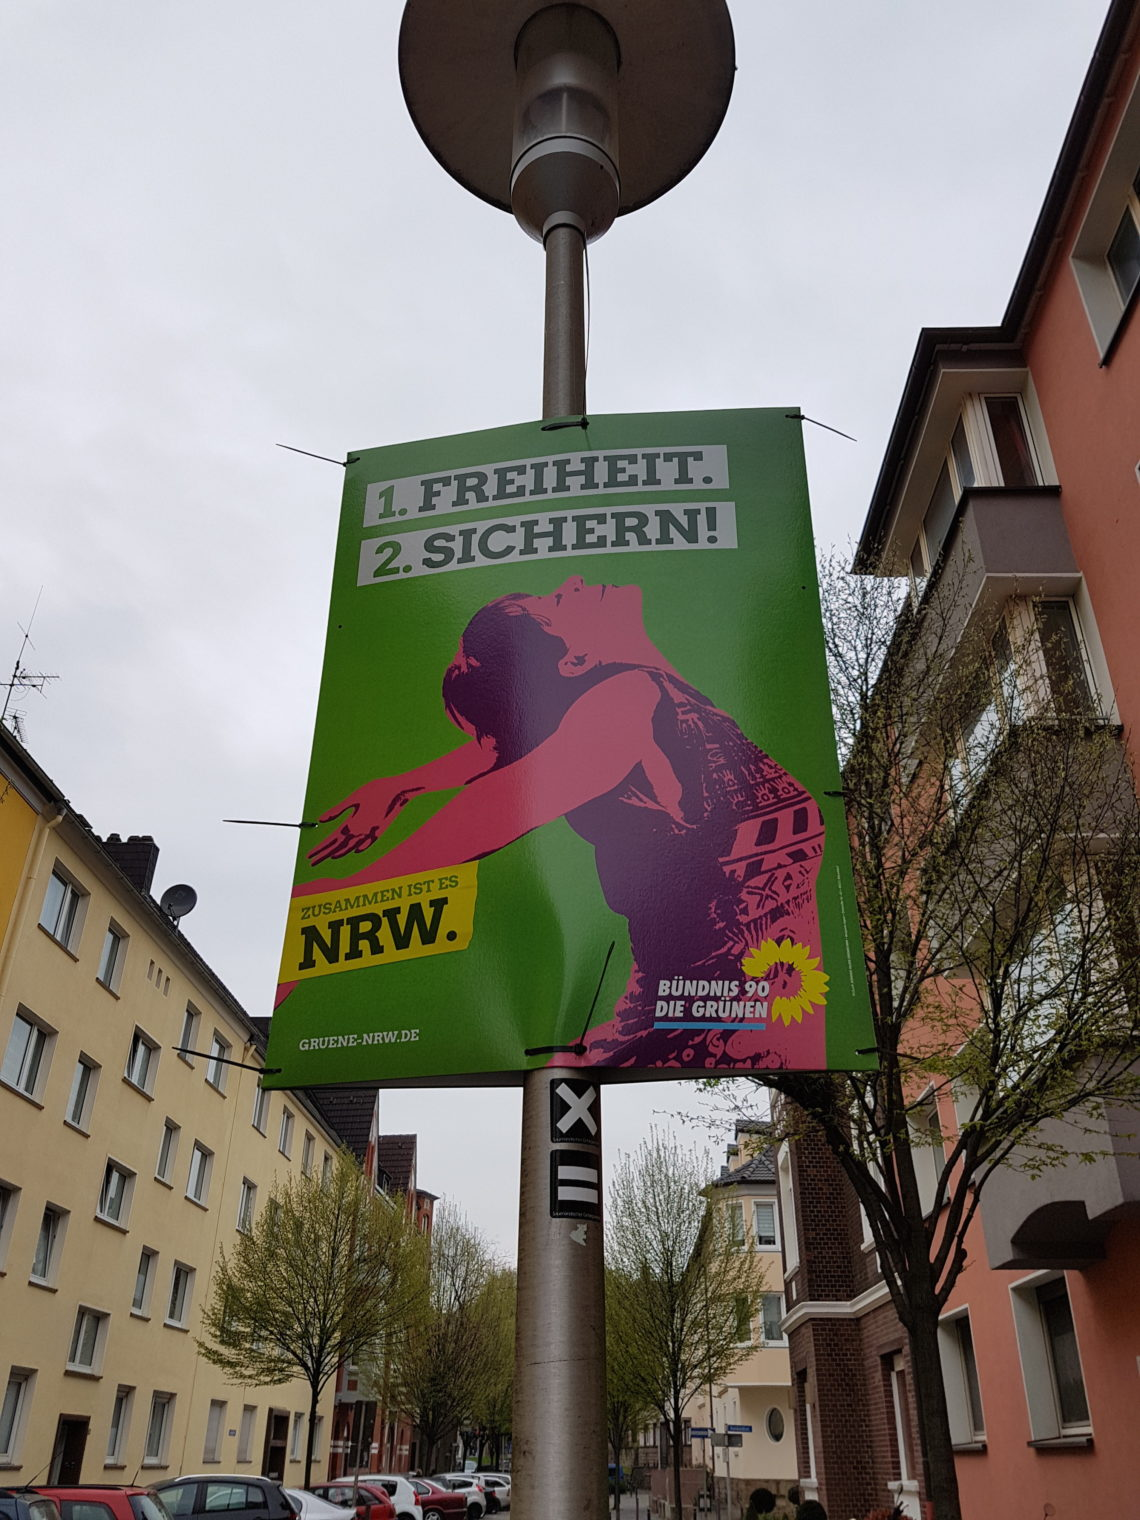 Wahlwerbung zur NRW-Wahl – und warum ich mich darüber ärgere